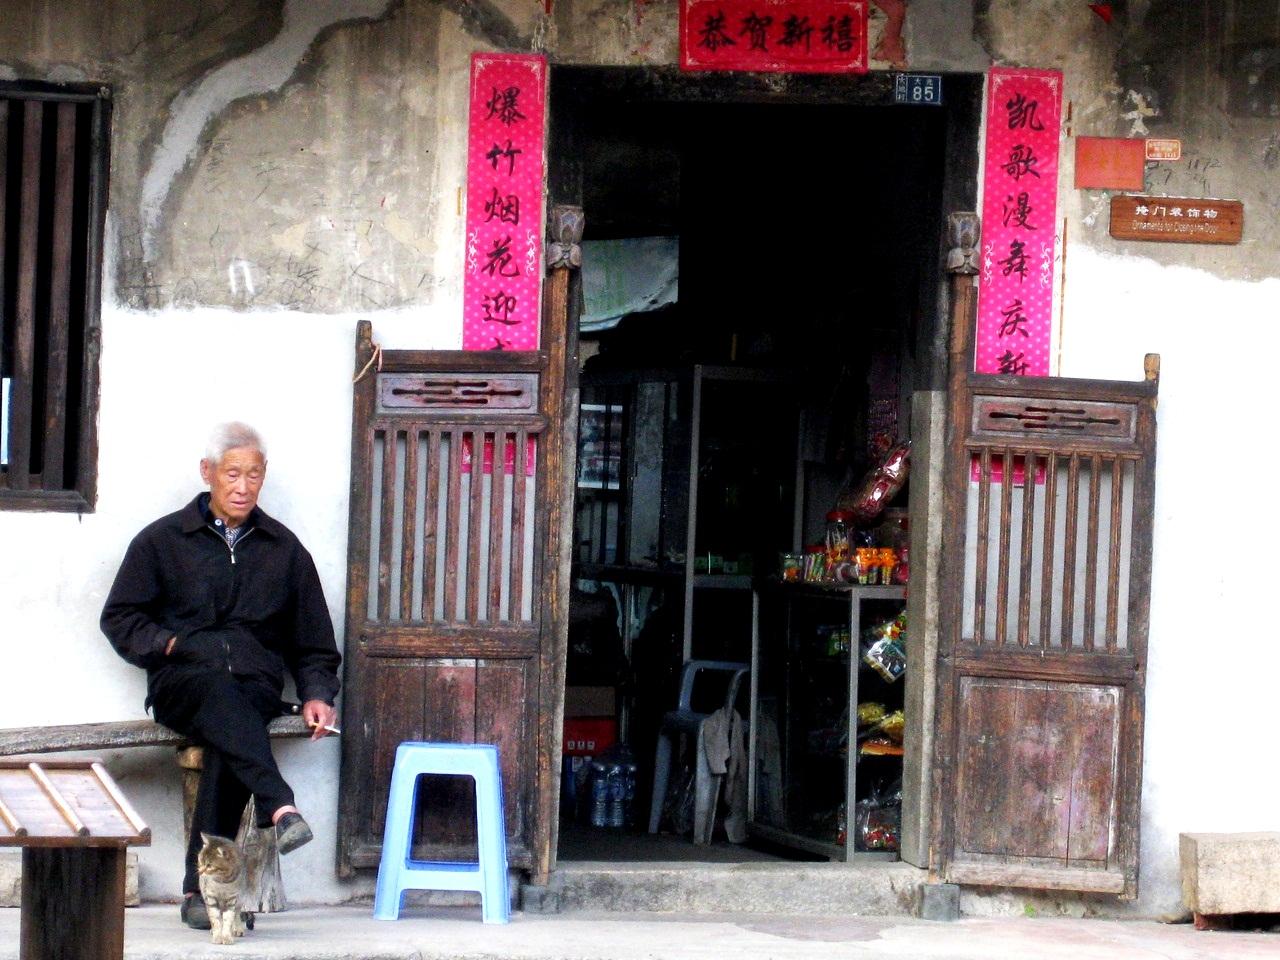 старый китаец